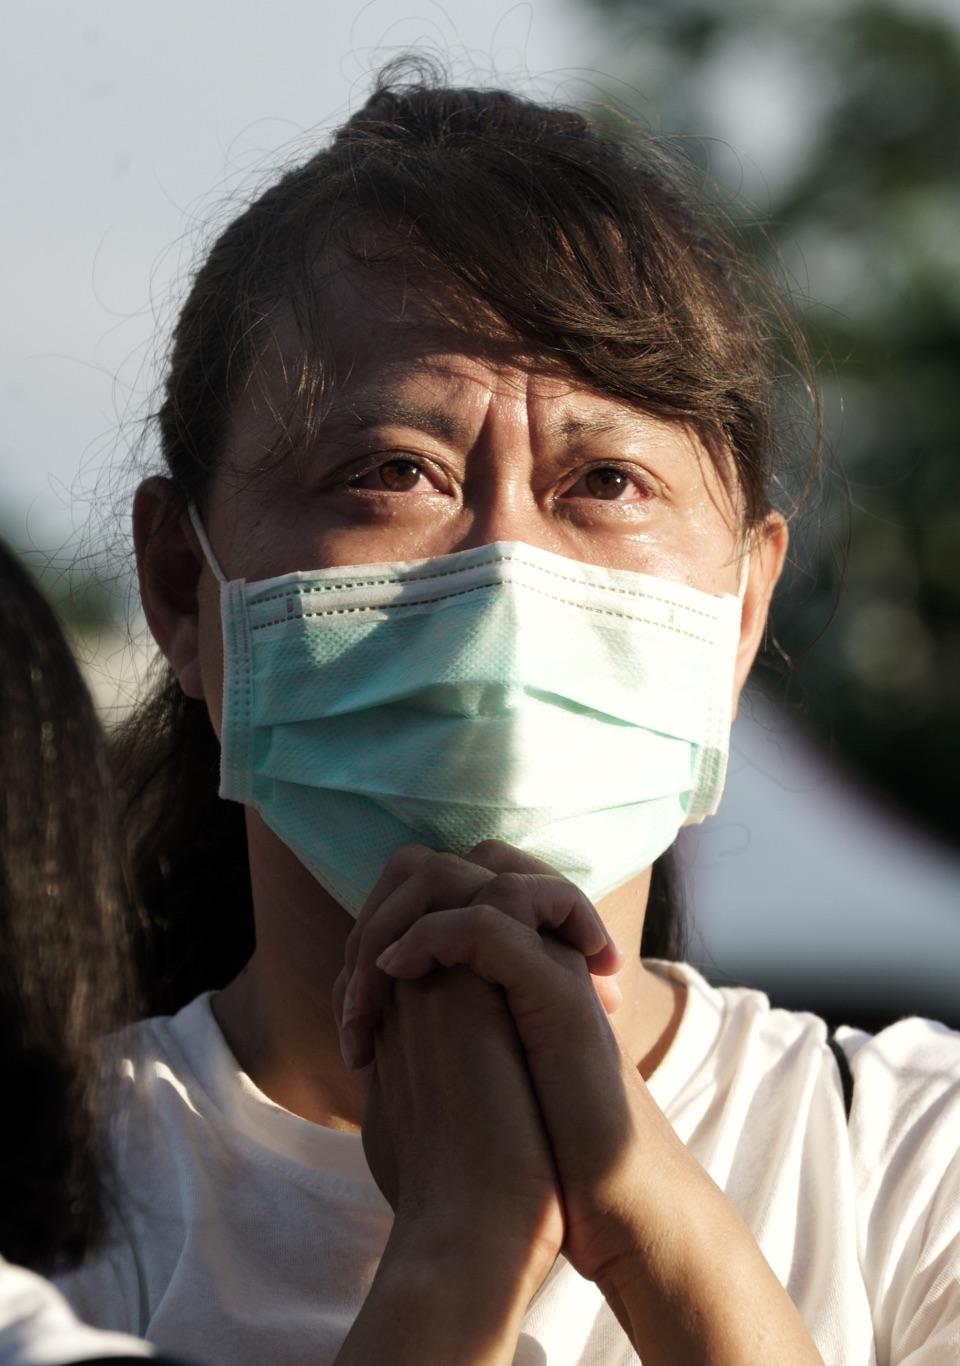 支持者臉上含著淚水,不捨之情溢於言表,告別音樂會場面哀傷。 圖:張良一/攝